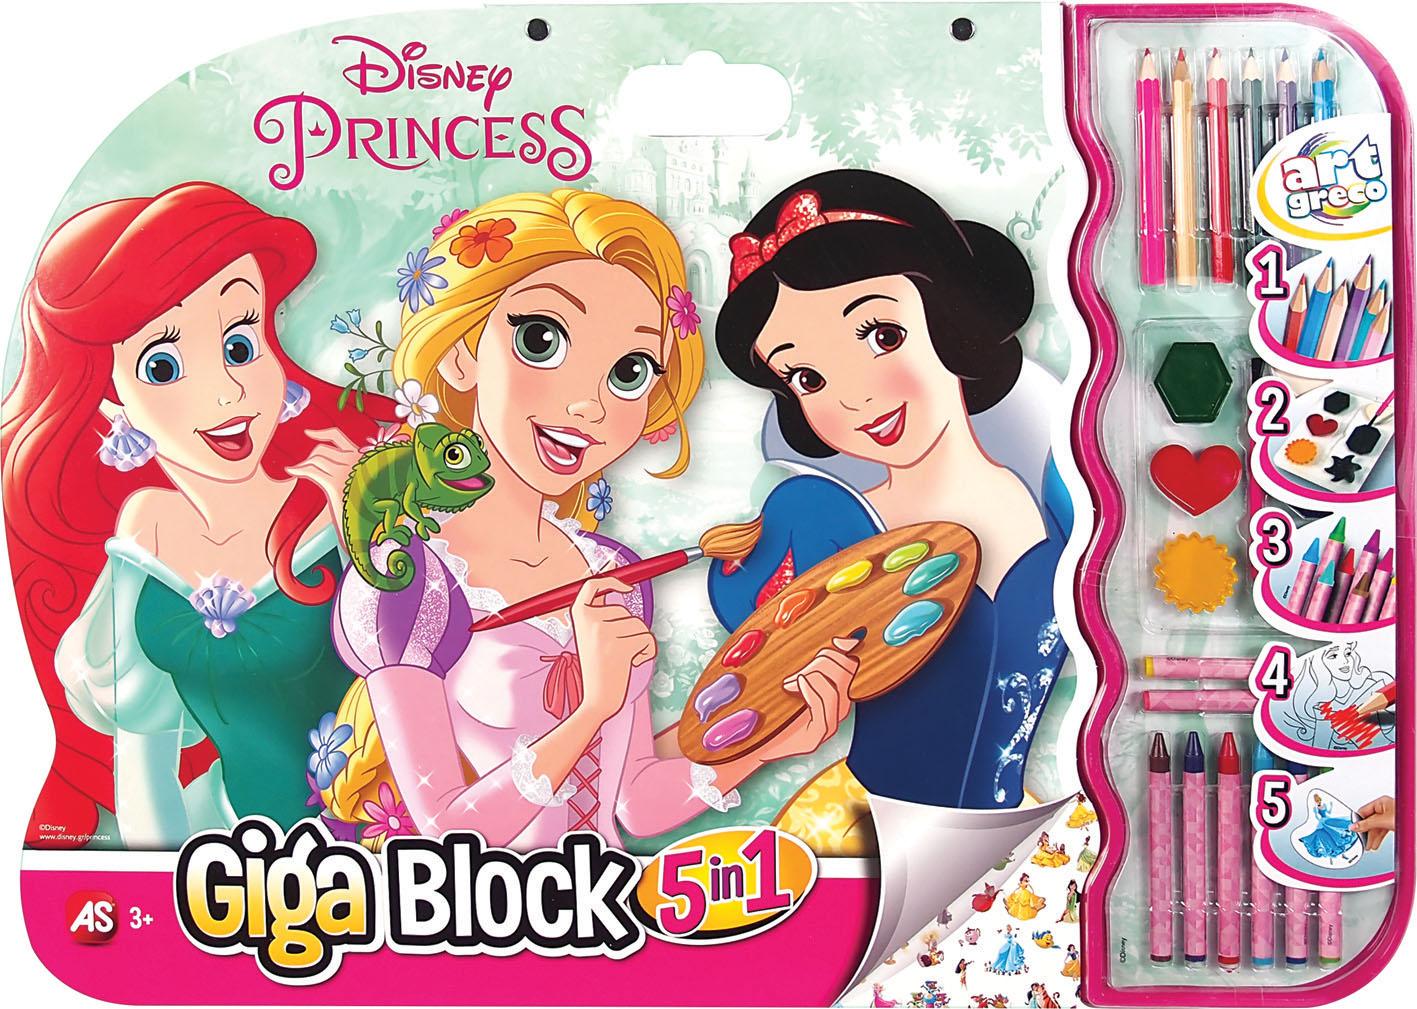 GIGA BLOCK PRINCESS 5 IN 1